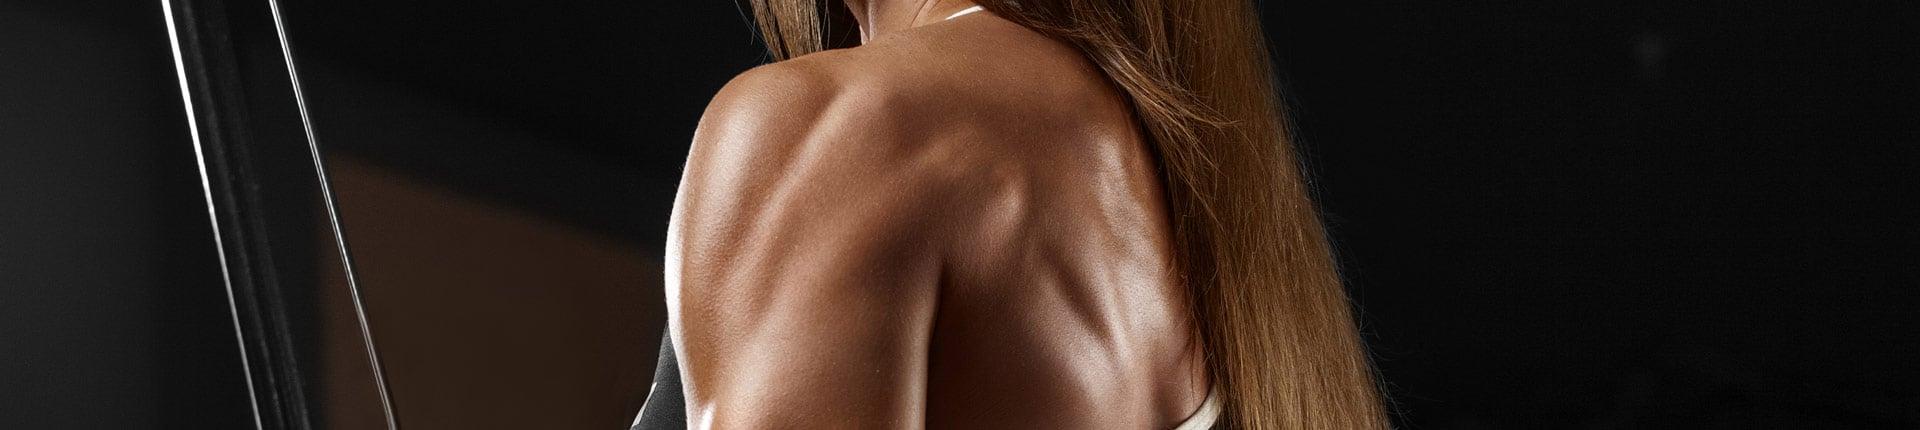 Jak budować masę mięśniową u kobiet?